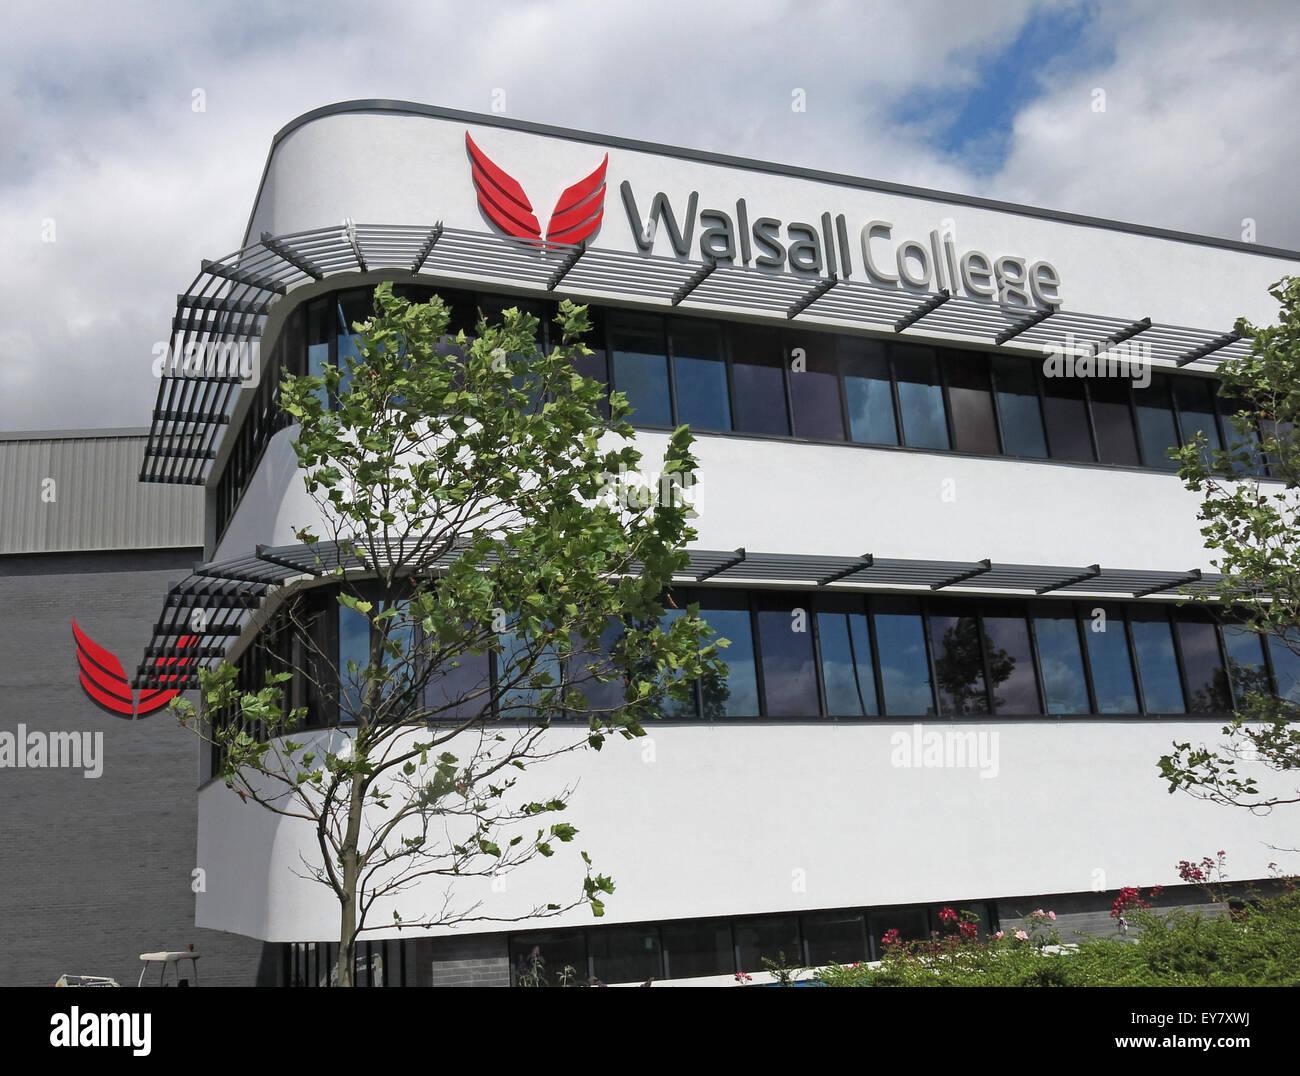 Laden Sie dieses Alamy Stockfoto Walsall neue College-Gebäude, West Midlands, England, UK - EY7XWJ